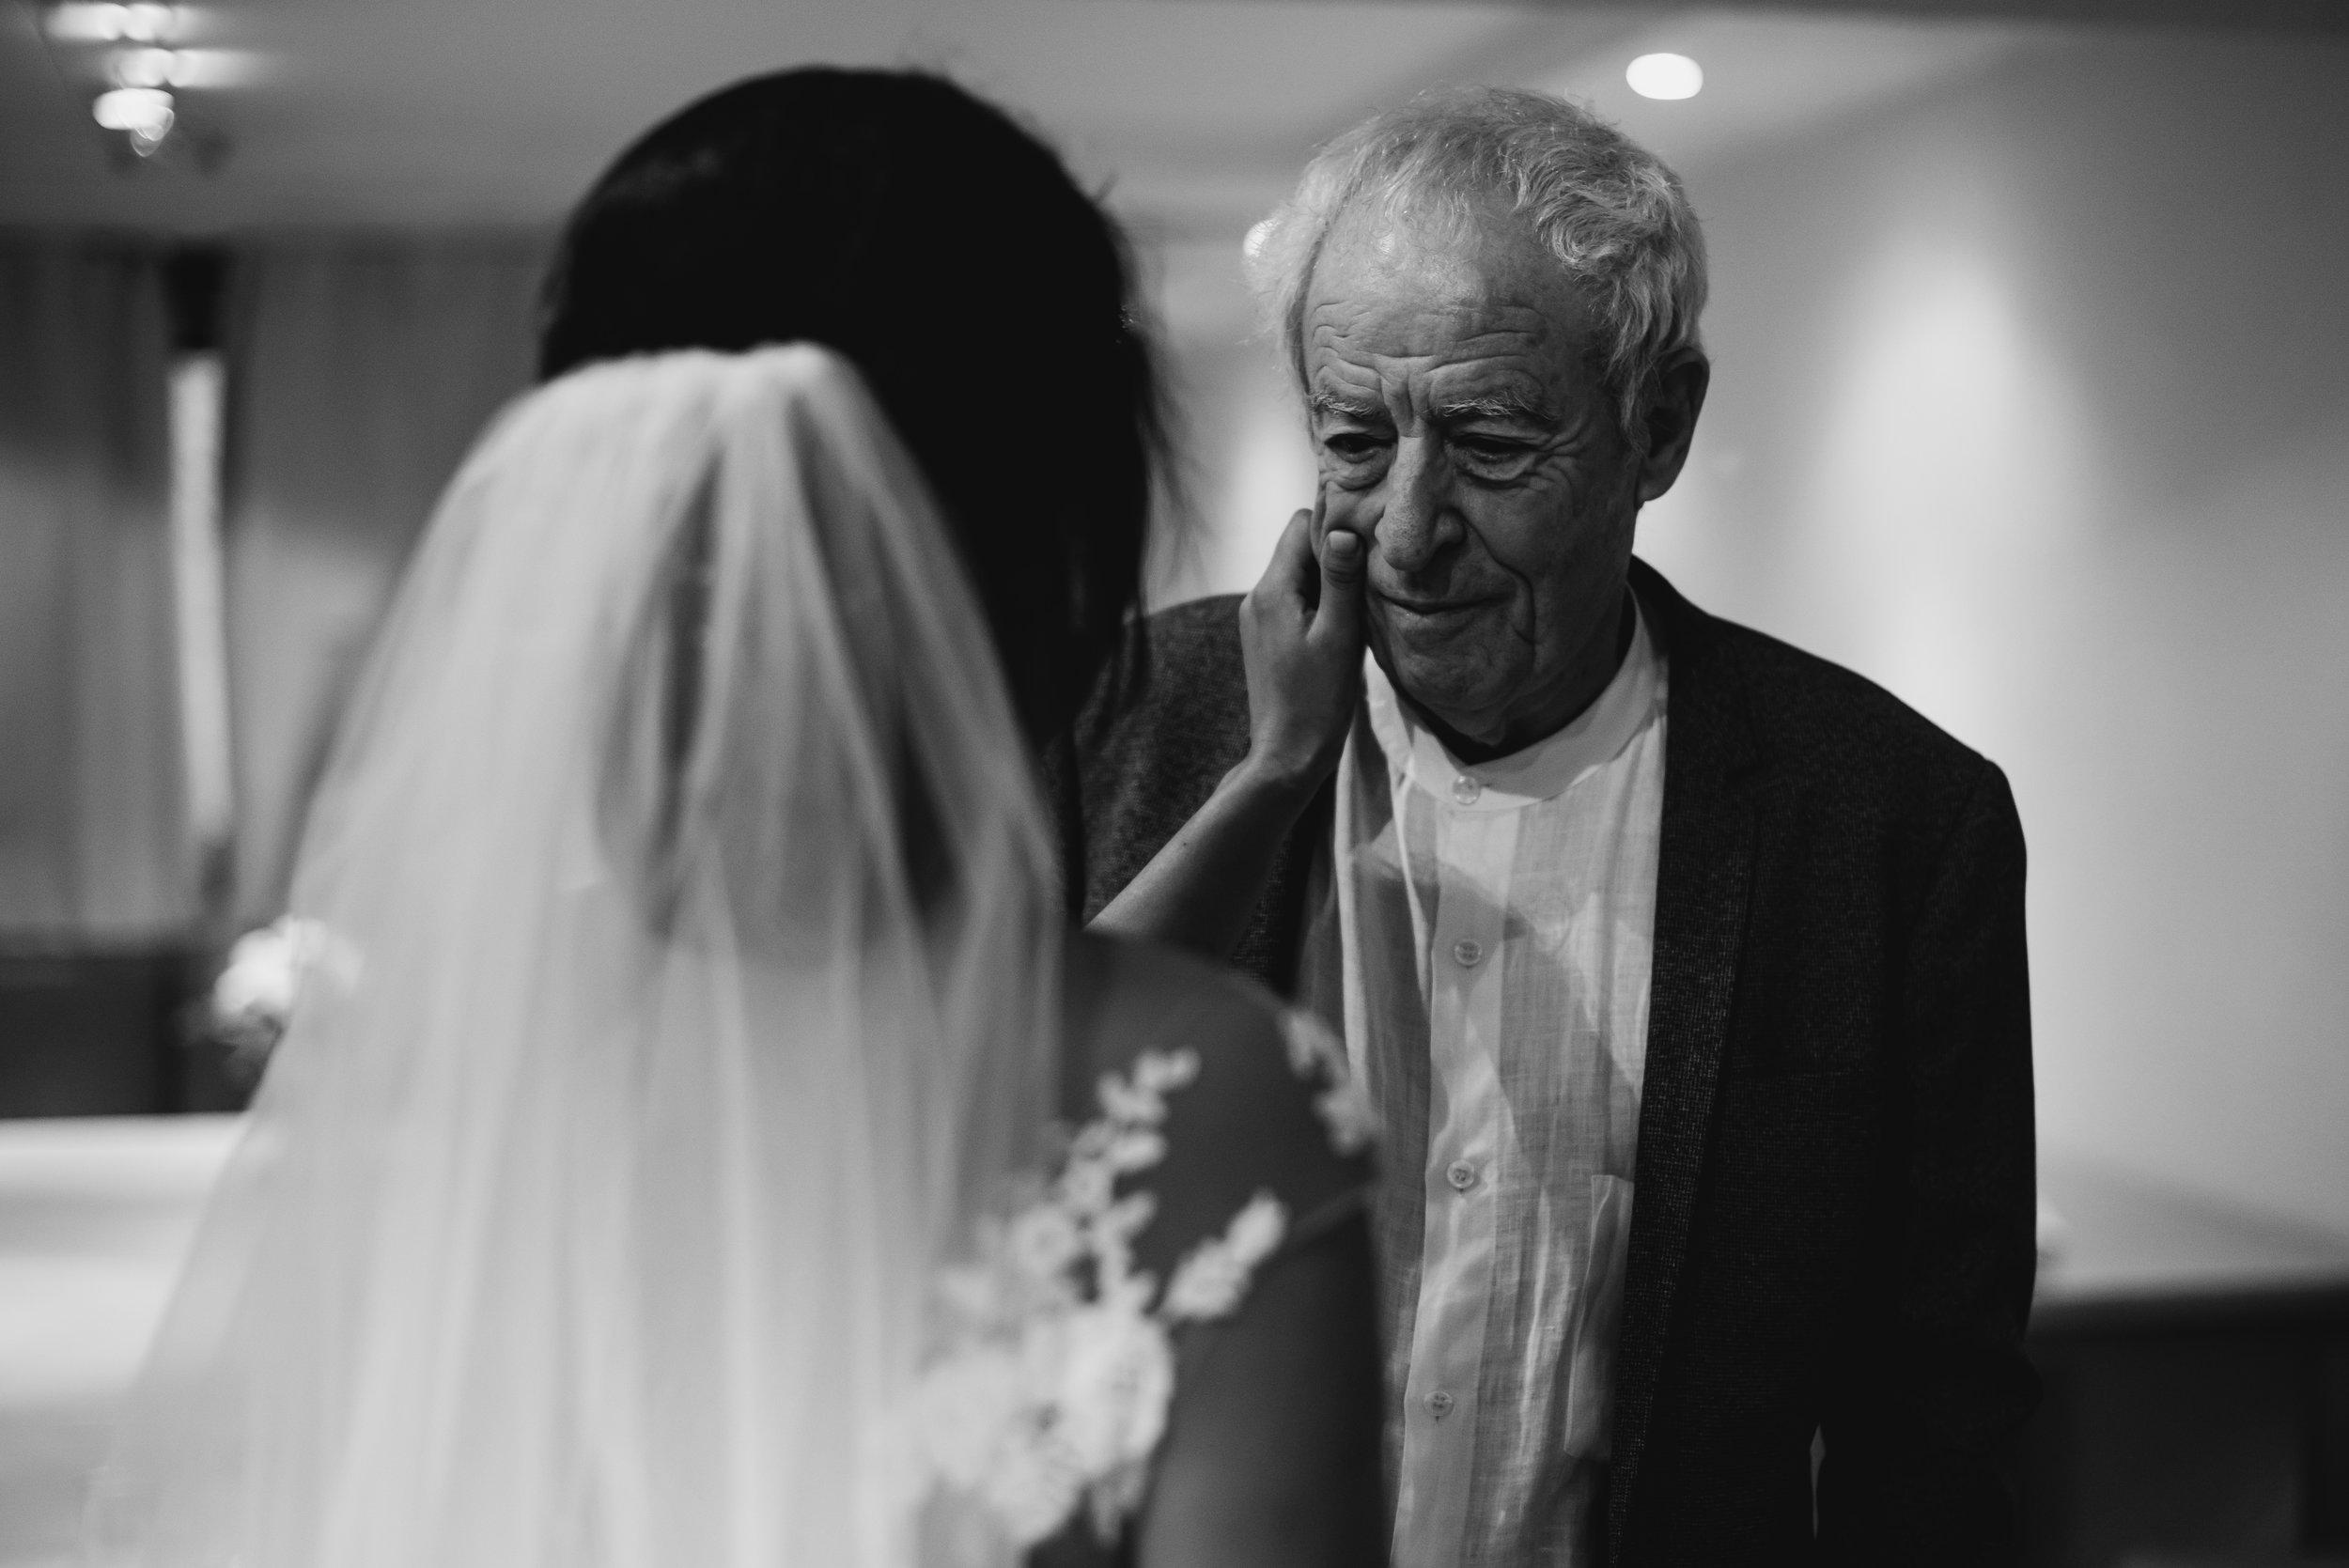 Léa-Fery-photographe-professionnel-lyon-rhone-alpes-portrait-creation-mariage-evenement-evenementiel-famille-7349.jpg